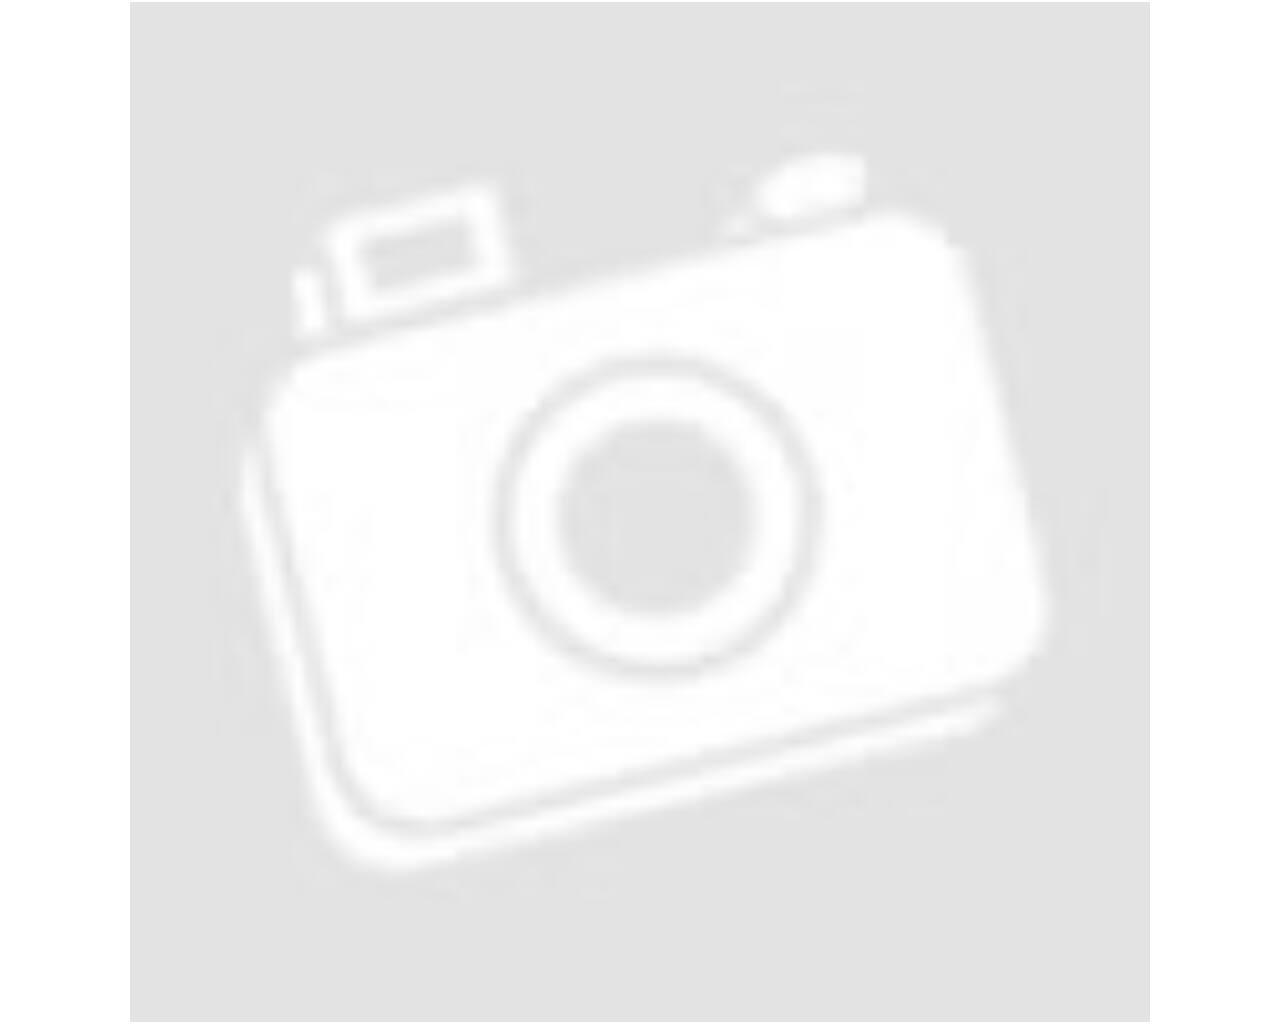 Fekete képkeret LB-168 Fekete/fehér